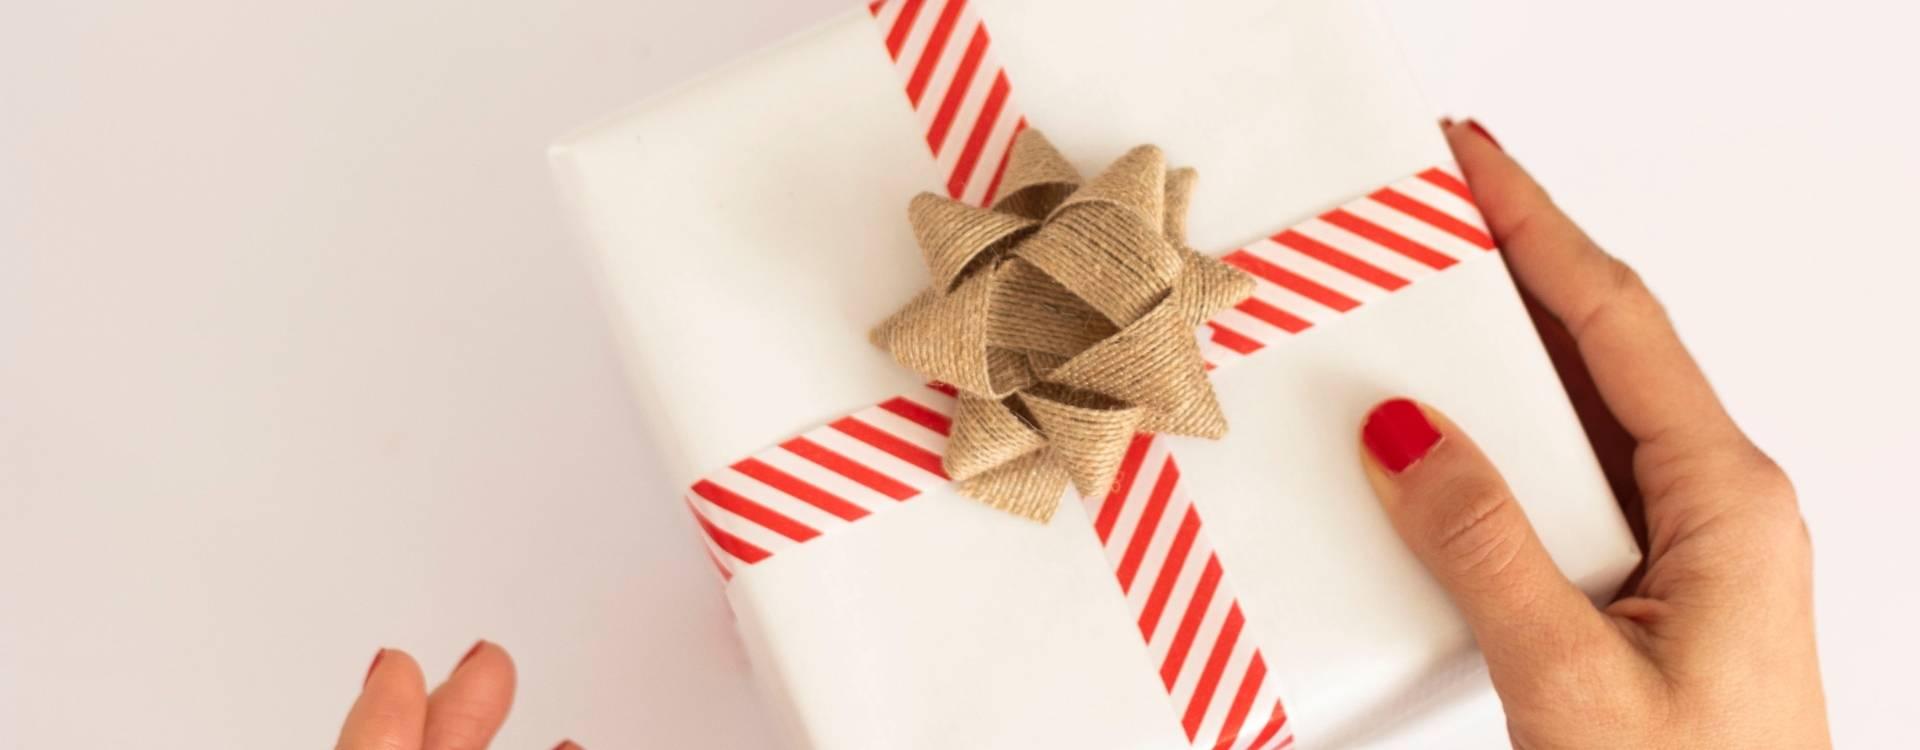 PLACPIGAL.PL - Szukasz idealnego prezentu dla aktywnych? U nas go znajdziesz